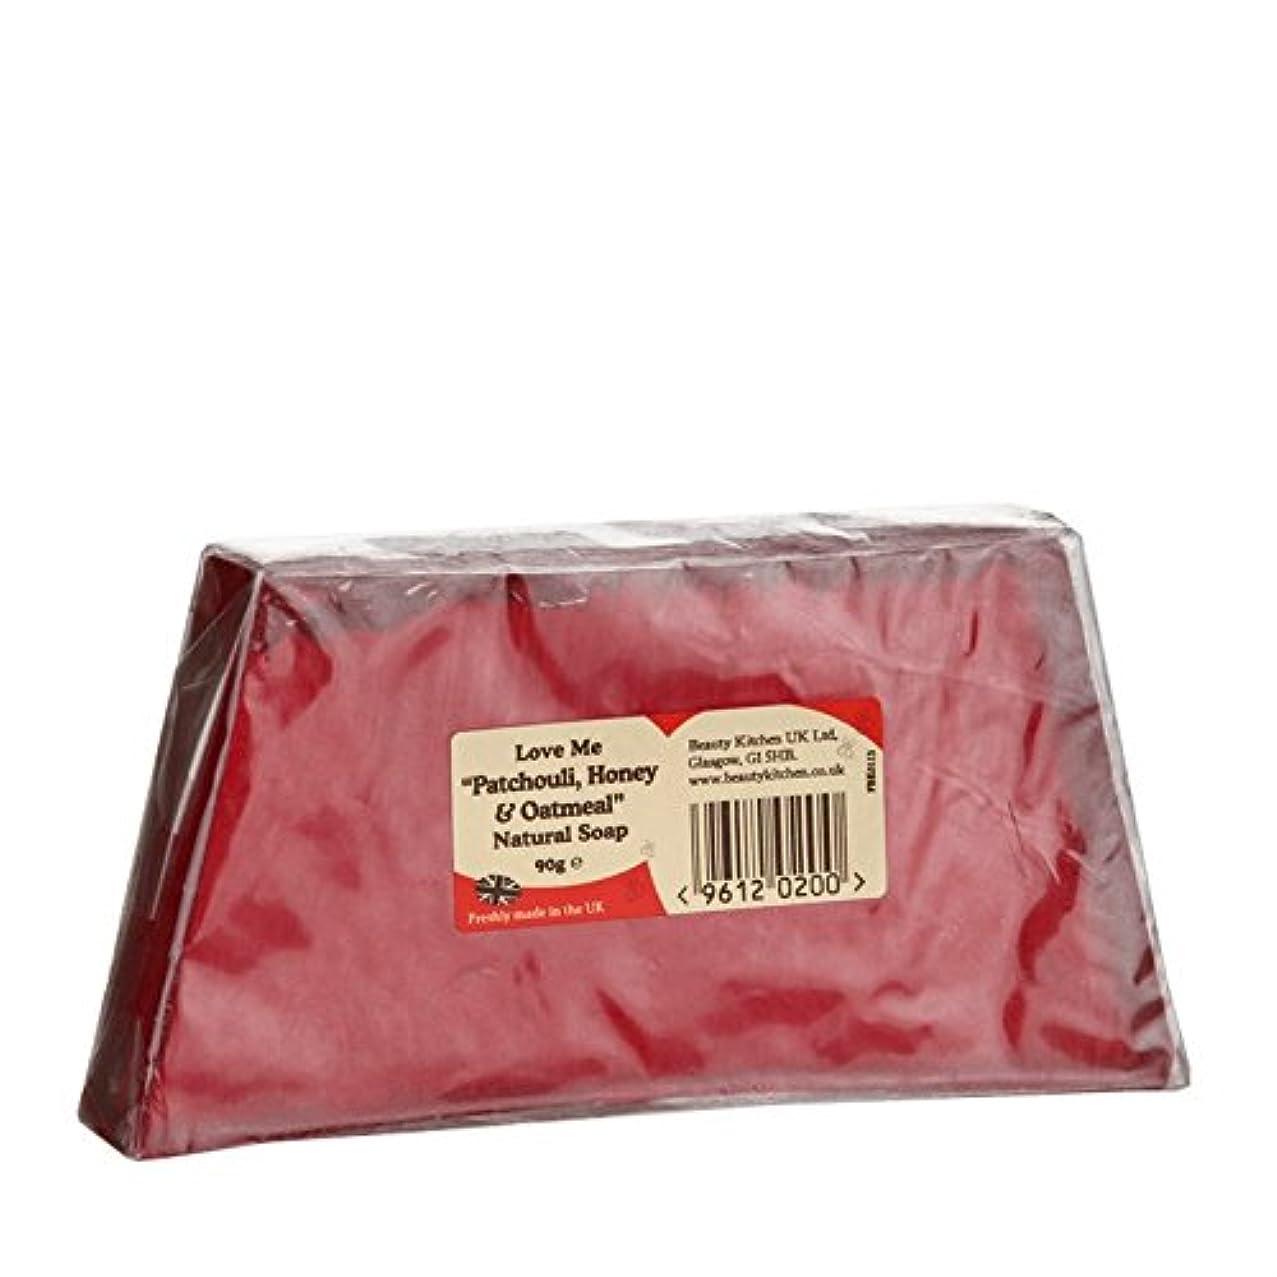 十一プロジェクター静けさBeauty Kitchen Love Me Patchouli, Honey & Oatmeal Natural Soap 90g (Pack of 2) - 美しさのキッチンは私にパチョリ、ハニー&オートミール、天然石鹸...